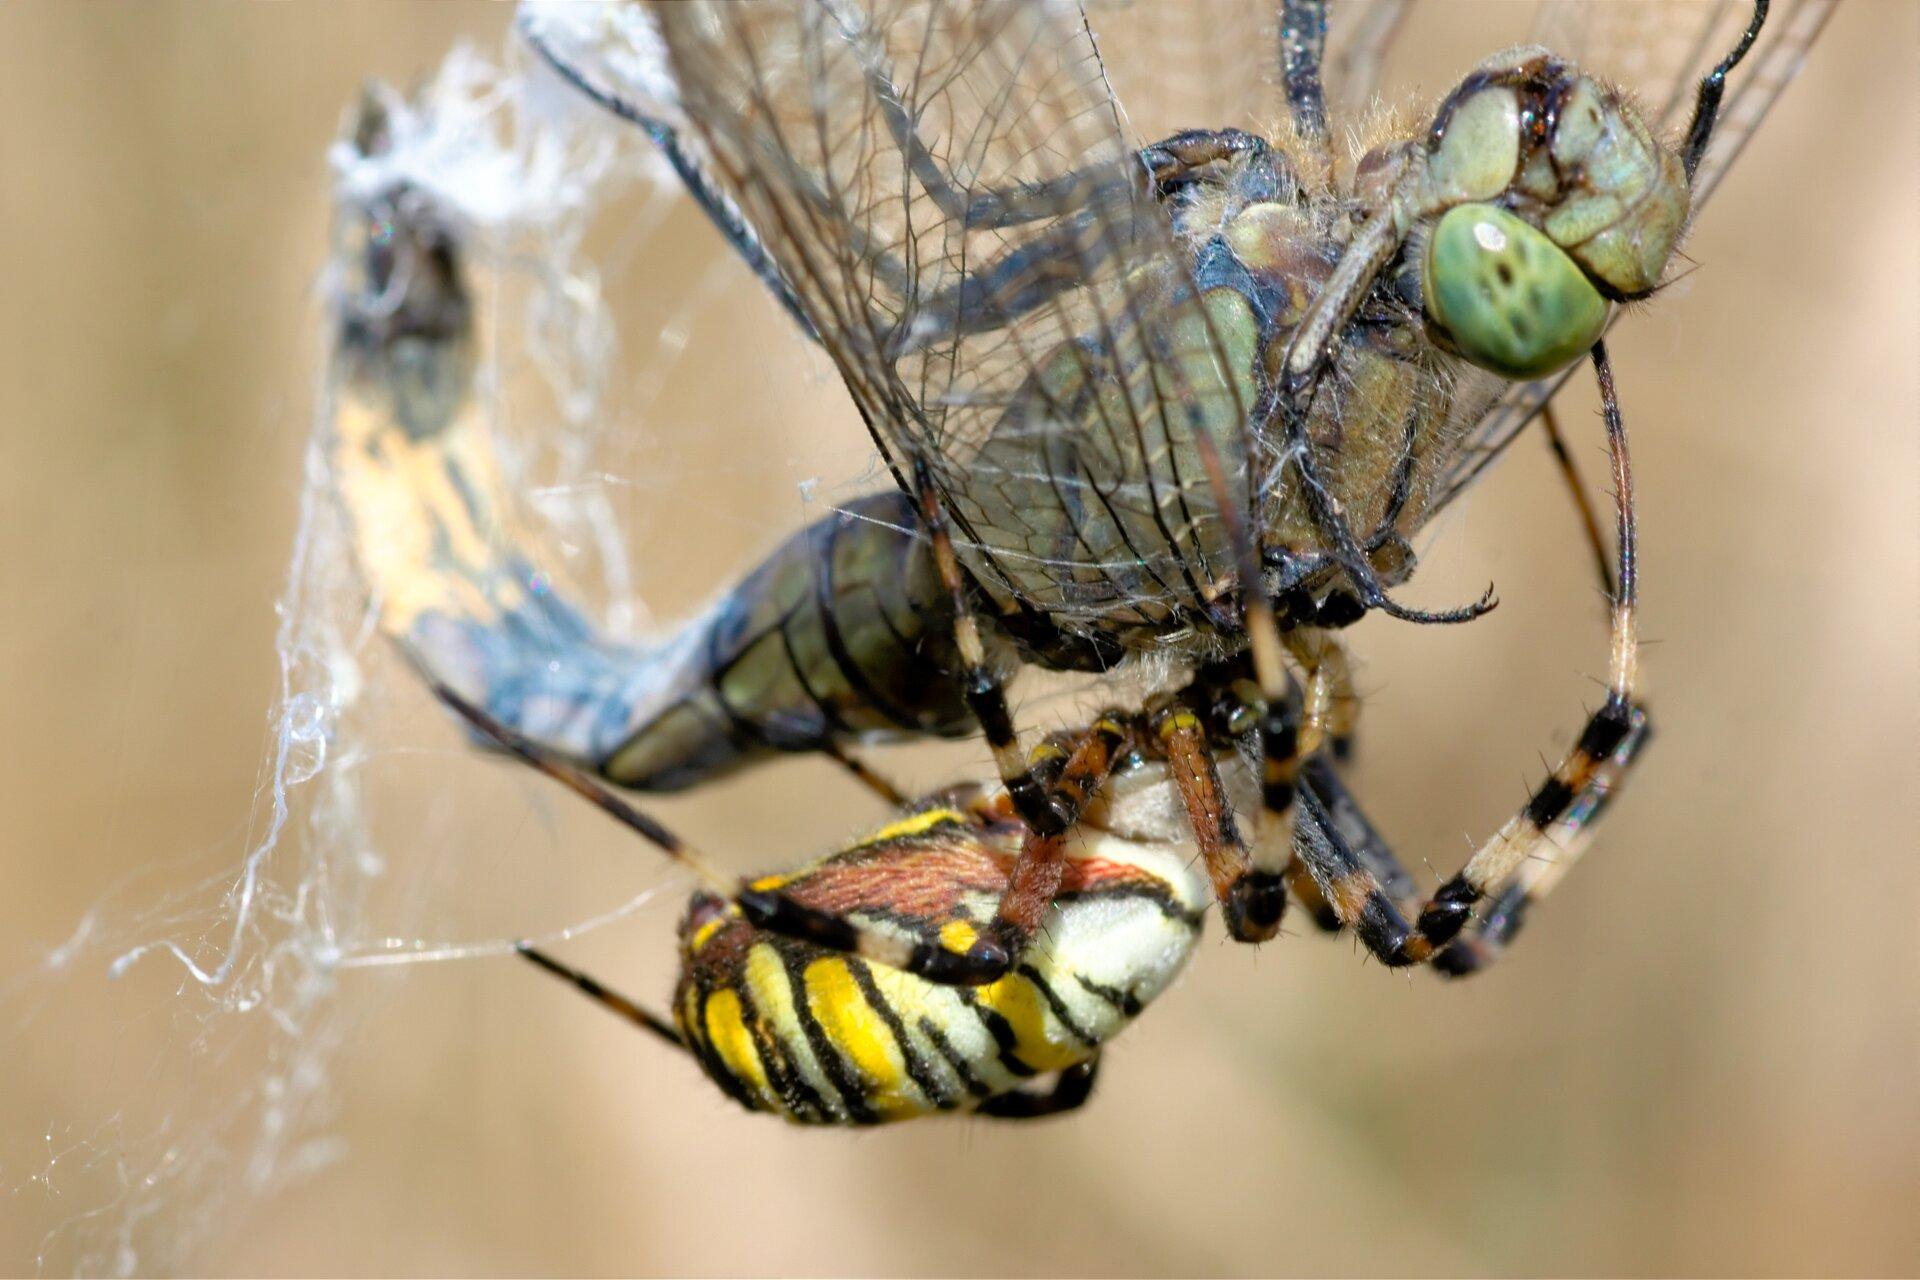 Fotografia przedstawia ważkę oplecioną nićmi pajęczyny. Na jej grzbiecie siedzi pająk iwpuszcza enzymy trawienne do ciała ważki.